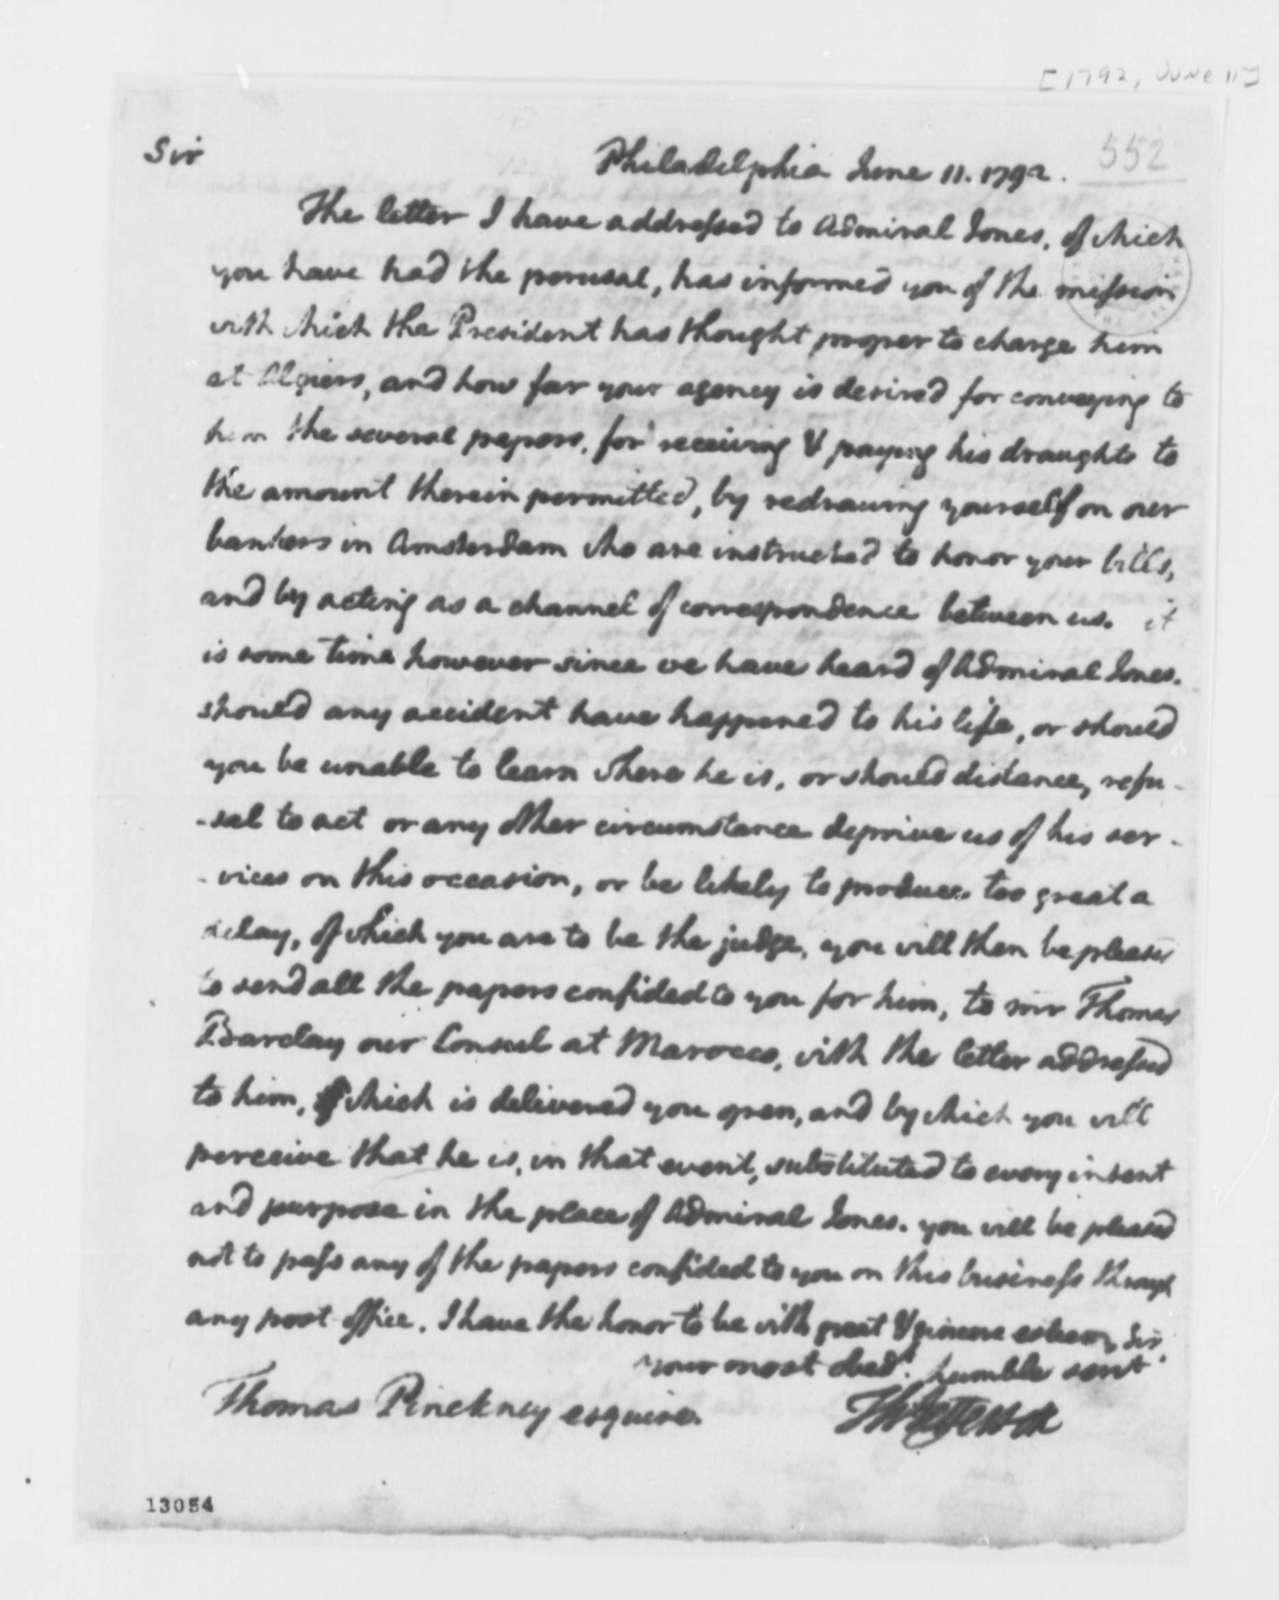 Thomas Jefferson to Thomas Pinckney, June 11, 1792, with Copy